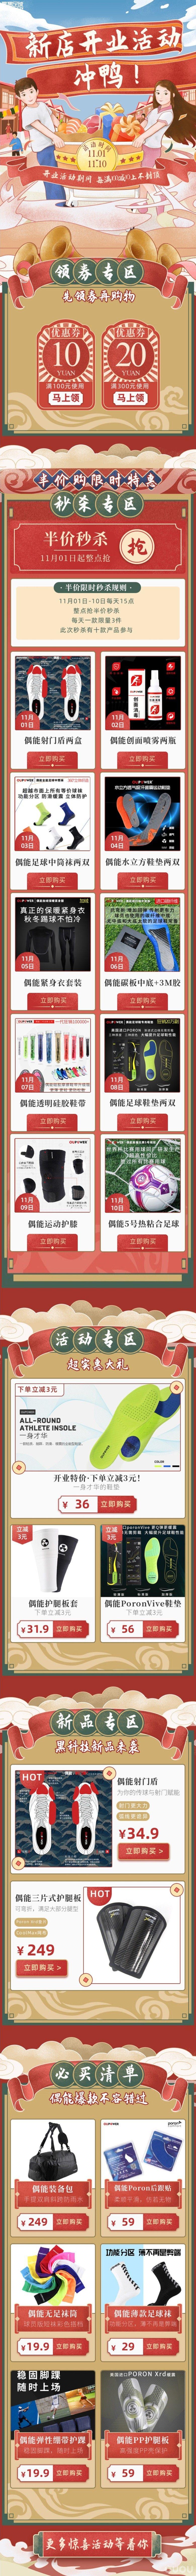 【偶偶足球装备官方店】新店开业啦!现在优惠酬宾堪比双11!